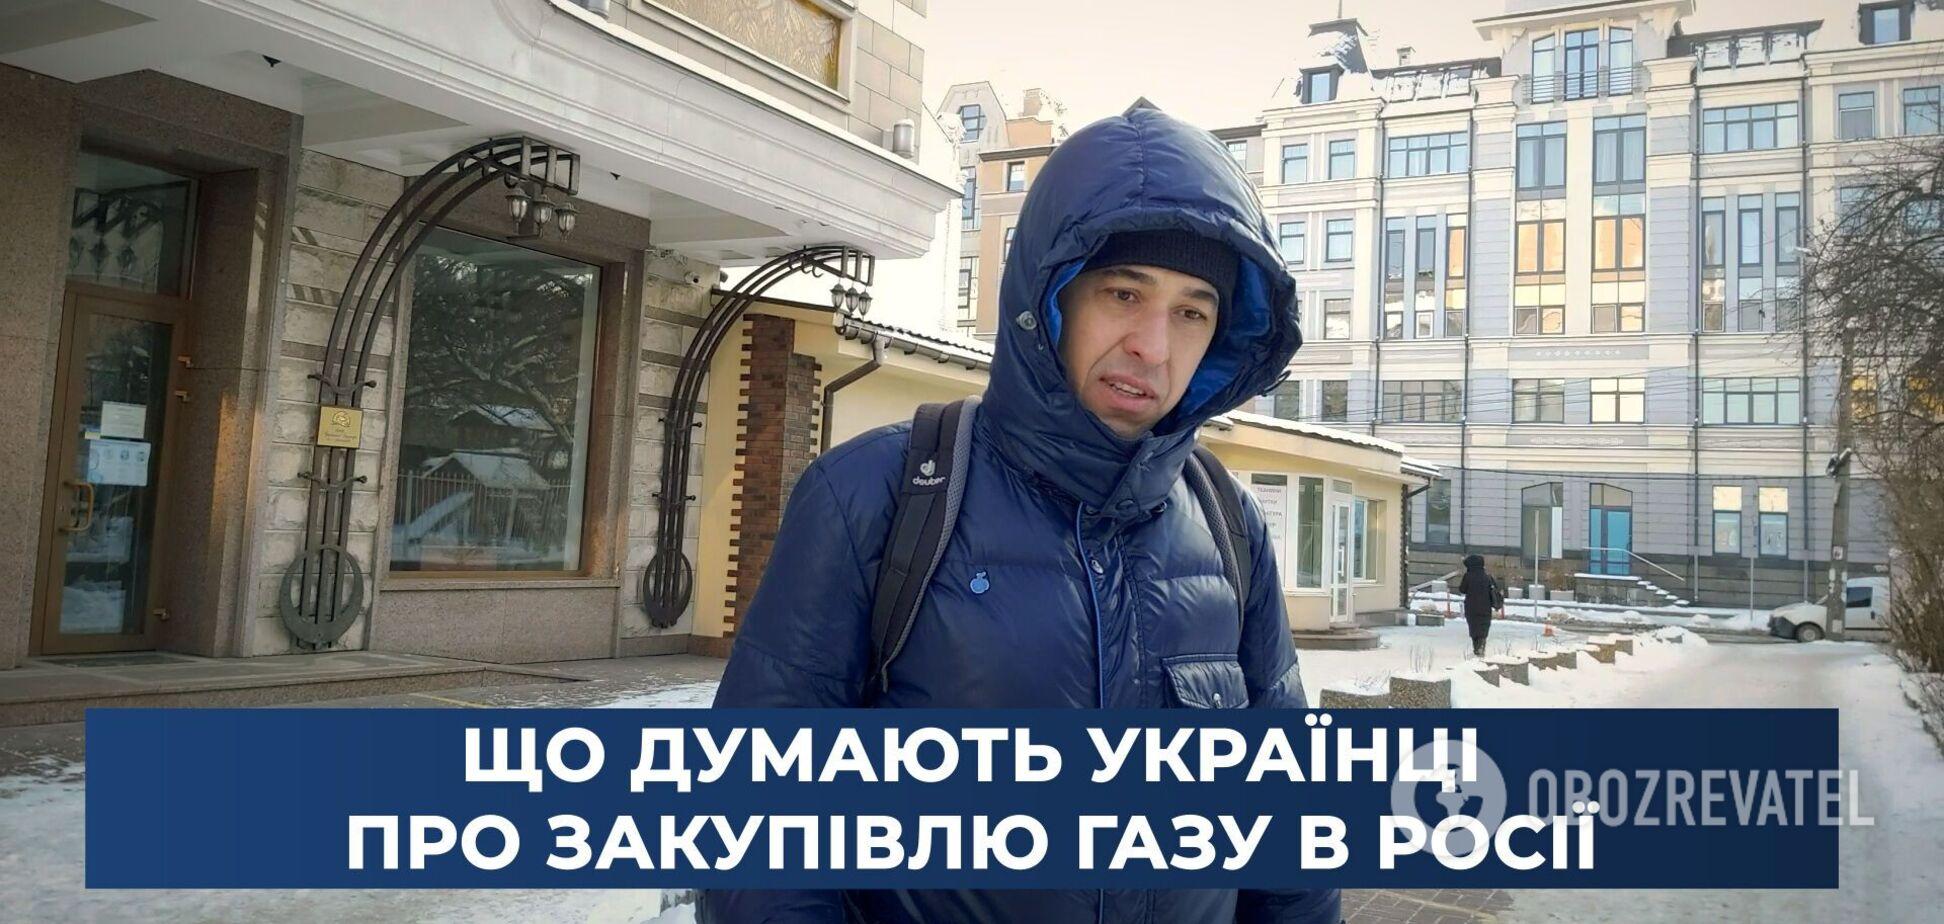 Закупка газа в России